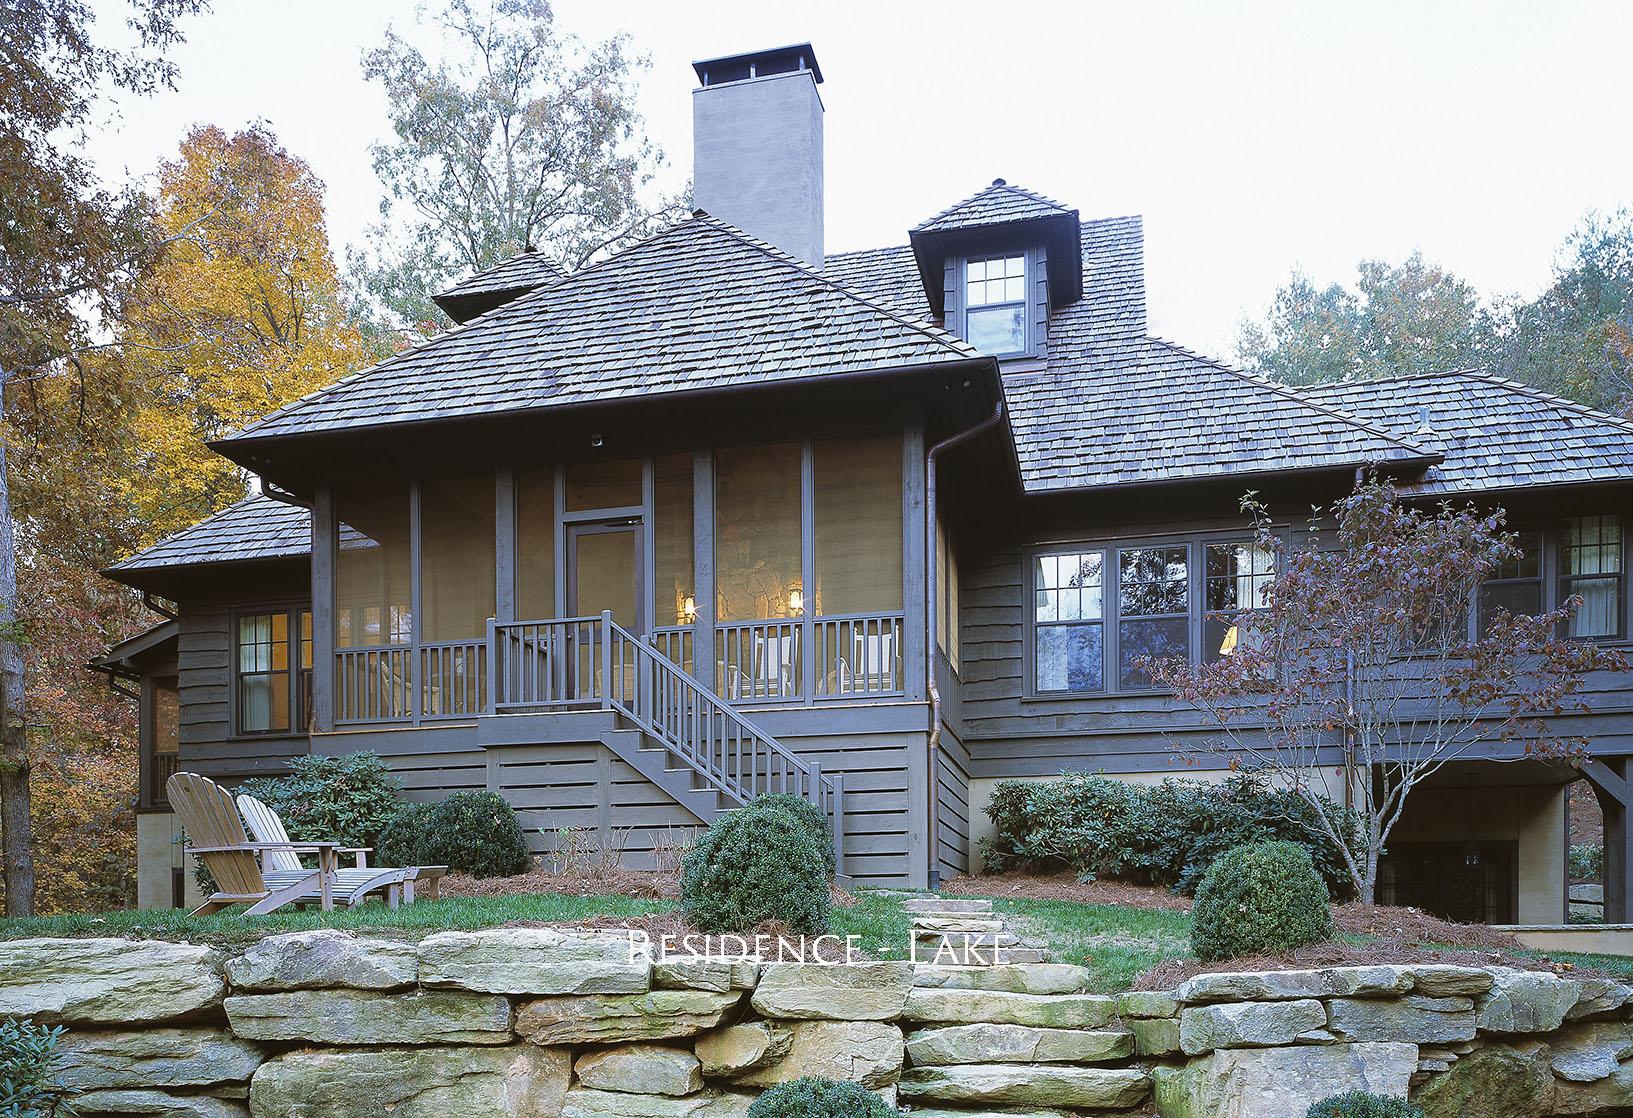 Residence Lake.jpg